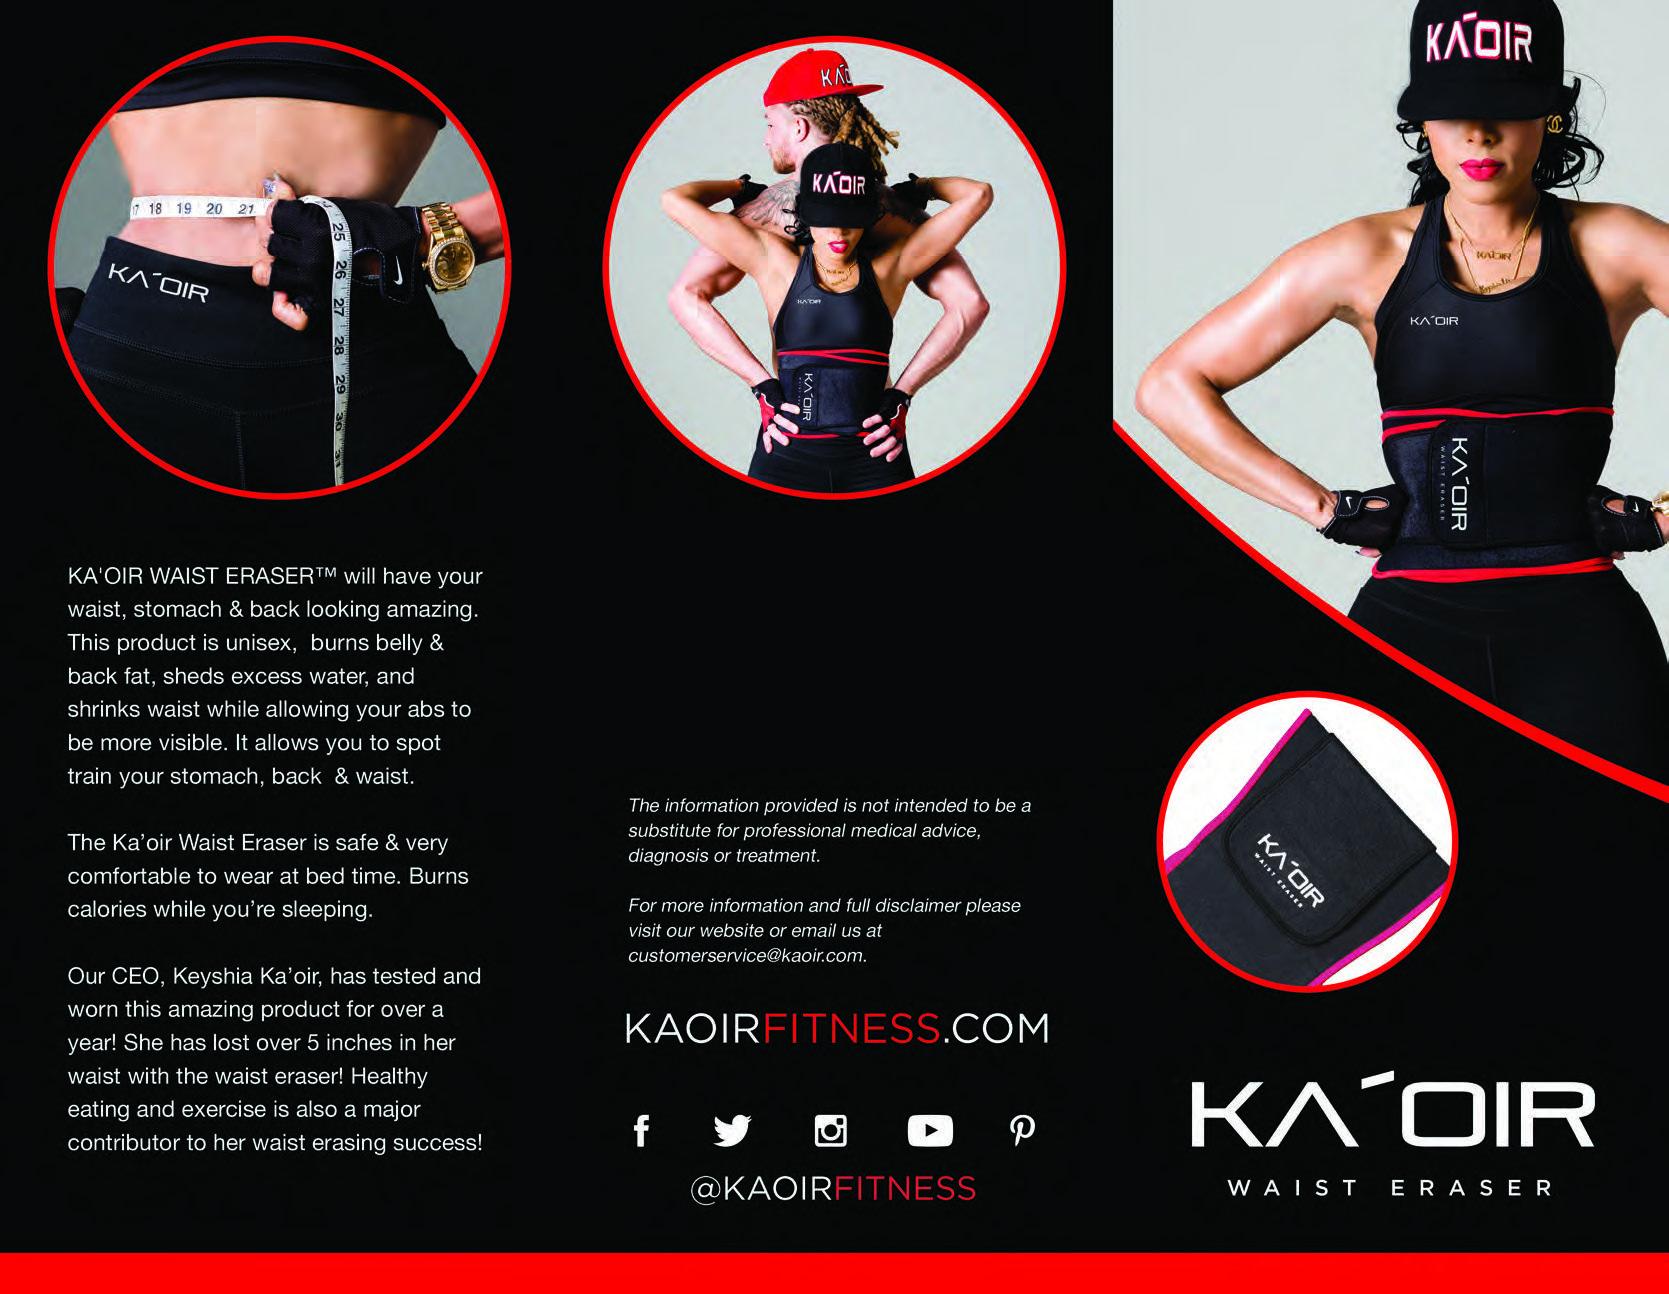 5cdd5092c2e  KAOIR  KAOIRFITNESS -  WAISTERASER - www.kaoirfitness.com Kaoir Waist  Eraser